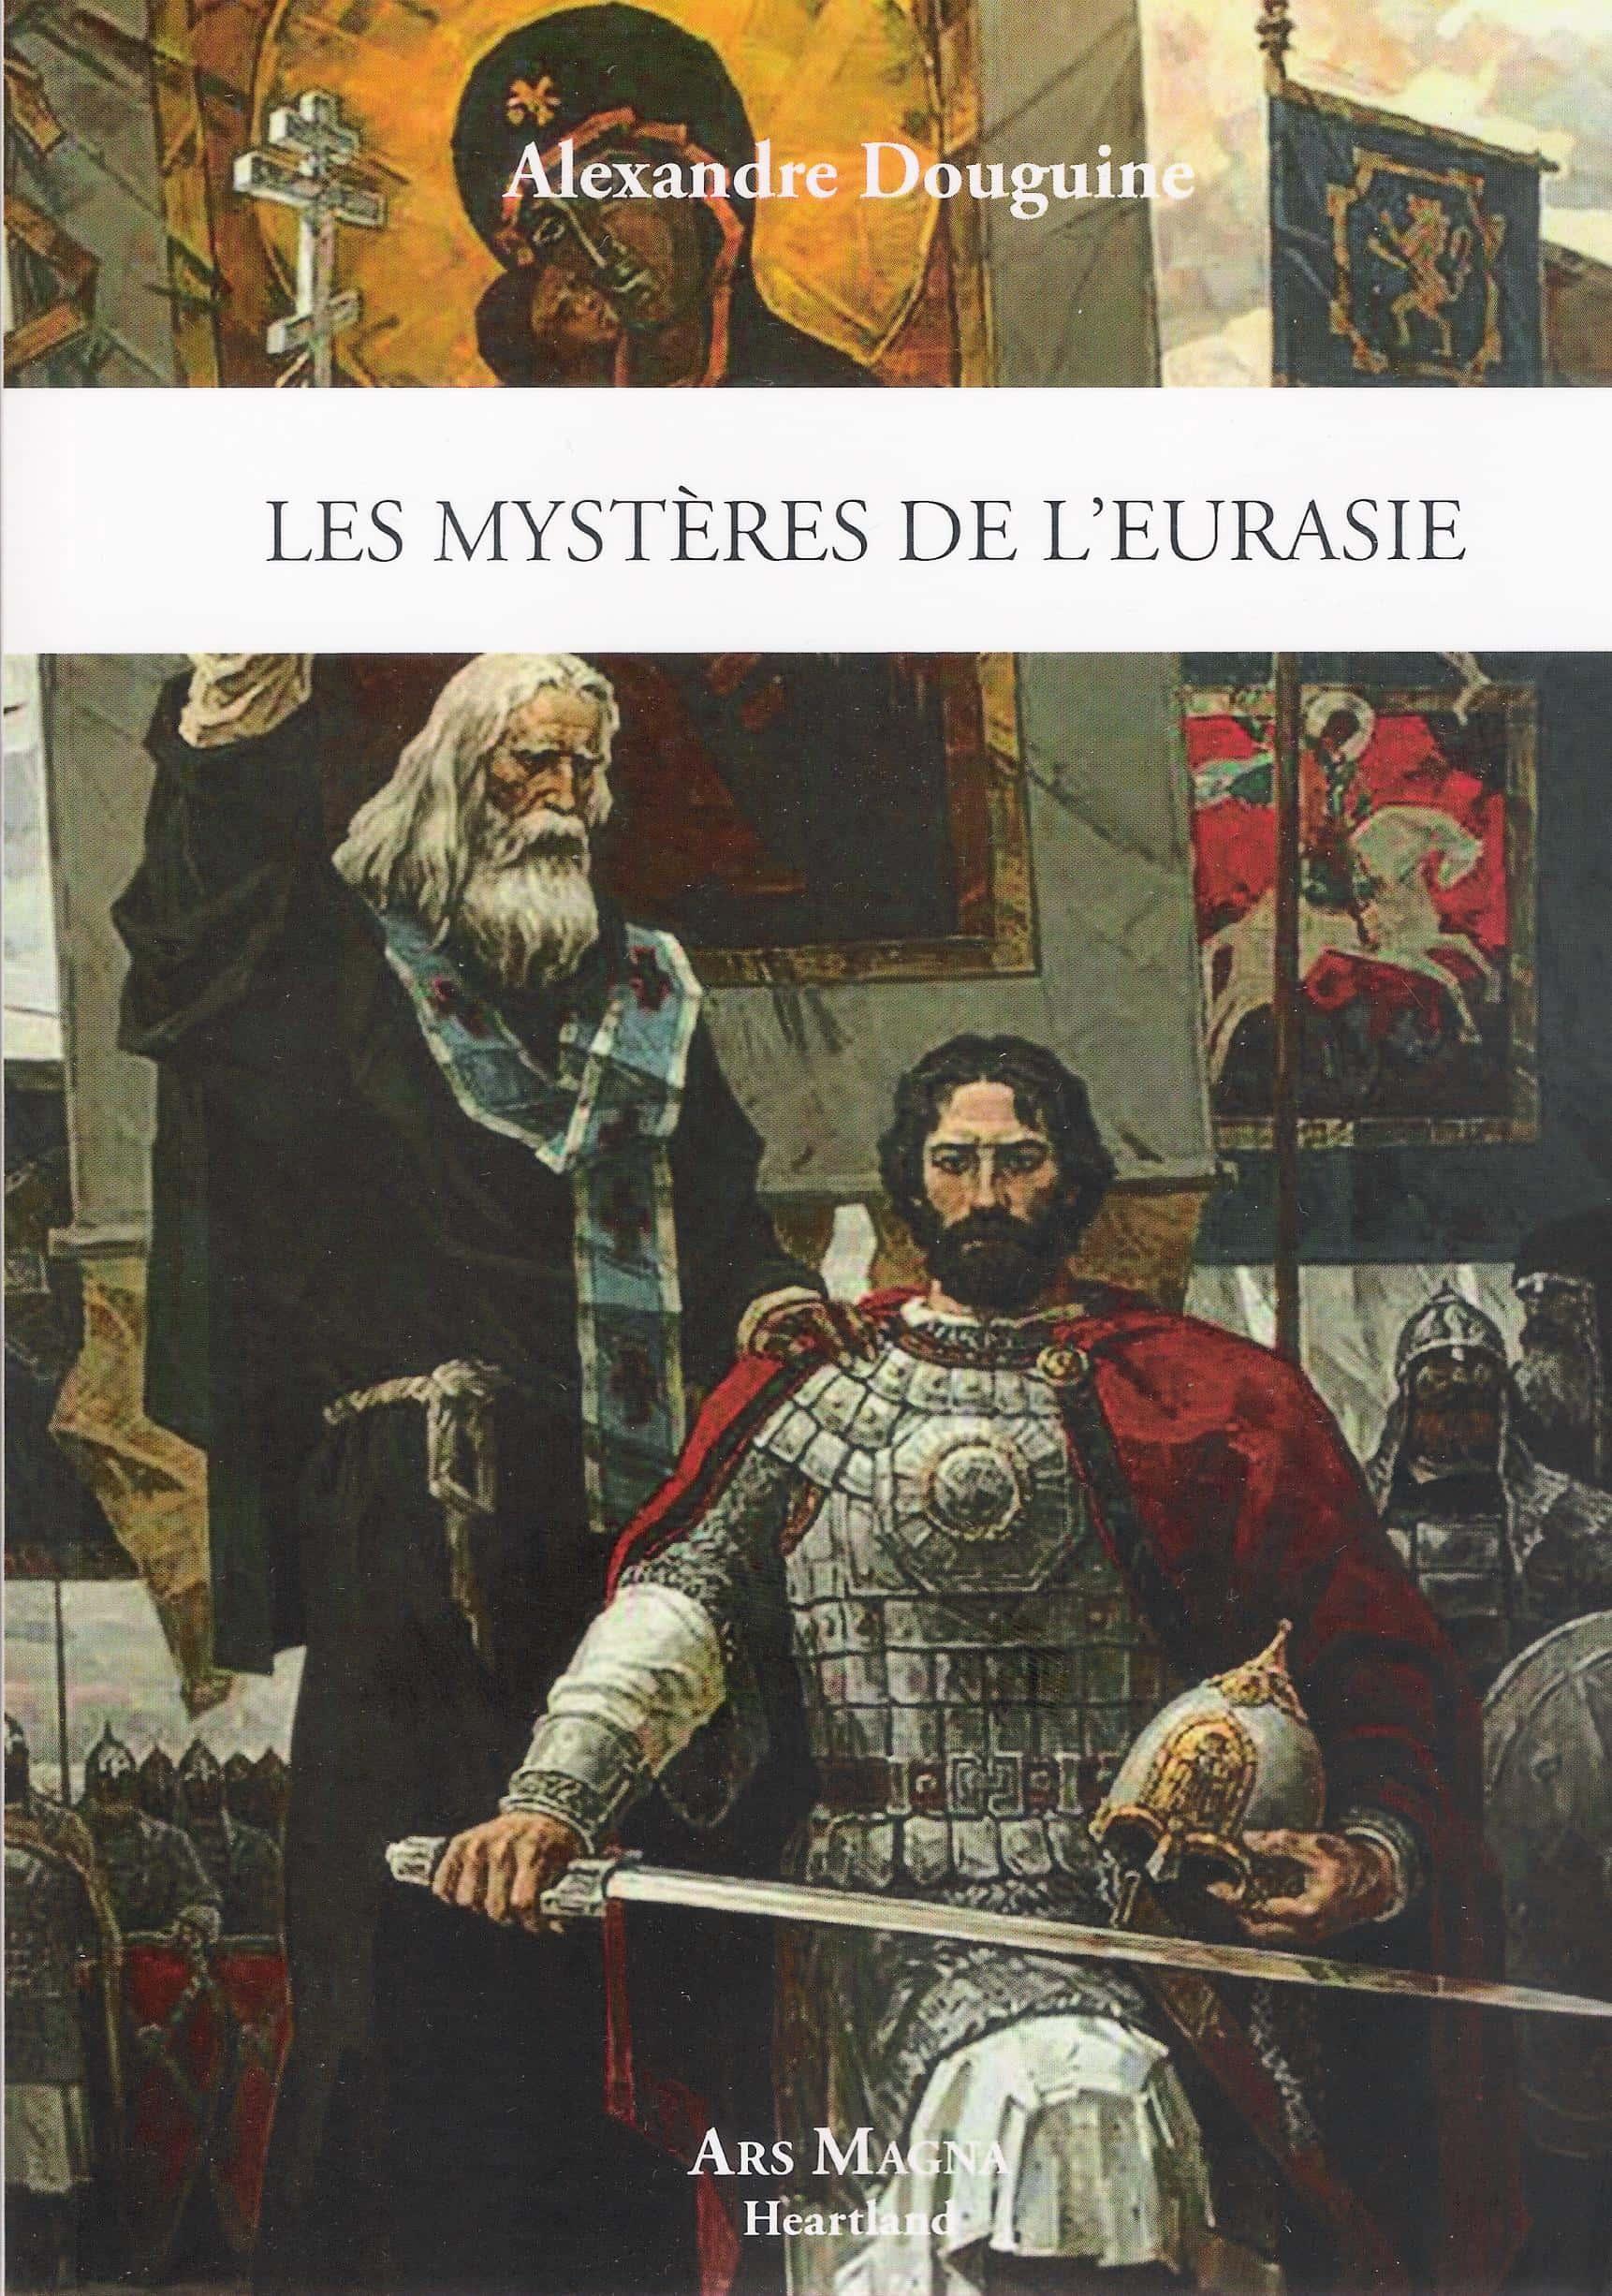 Les mystères de l'Eurasie d'Alexandre Douguine (Ars magna).